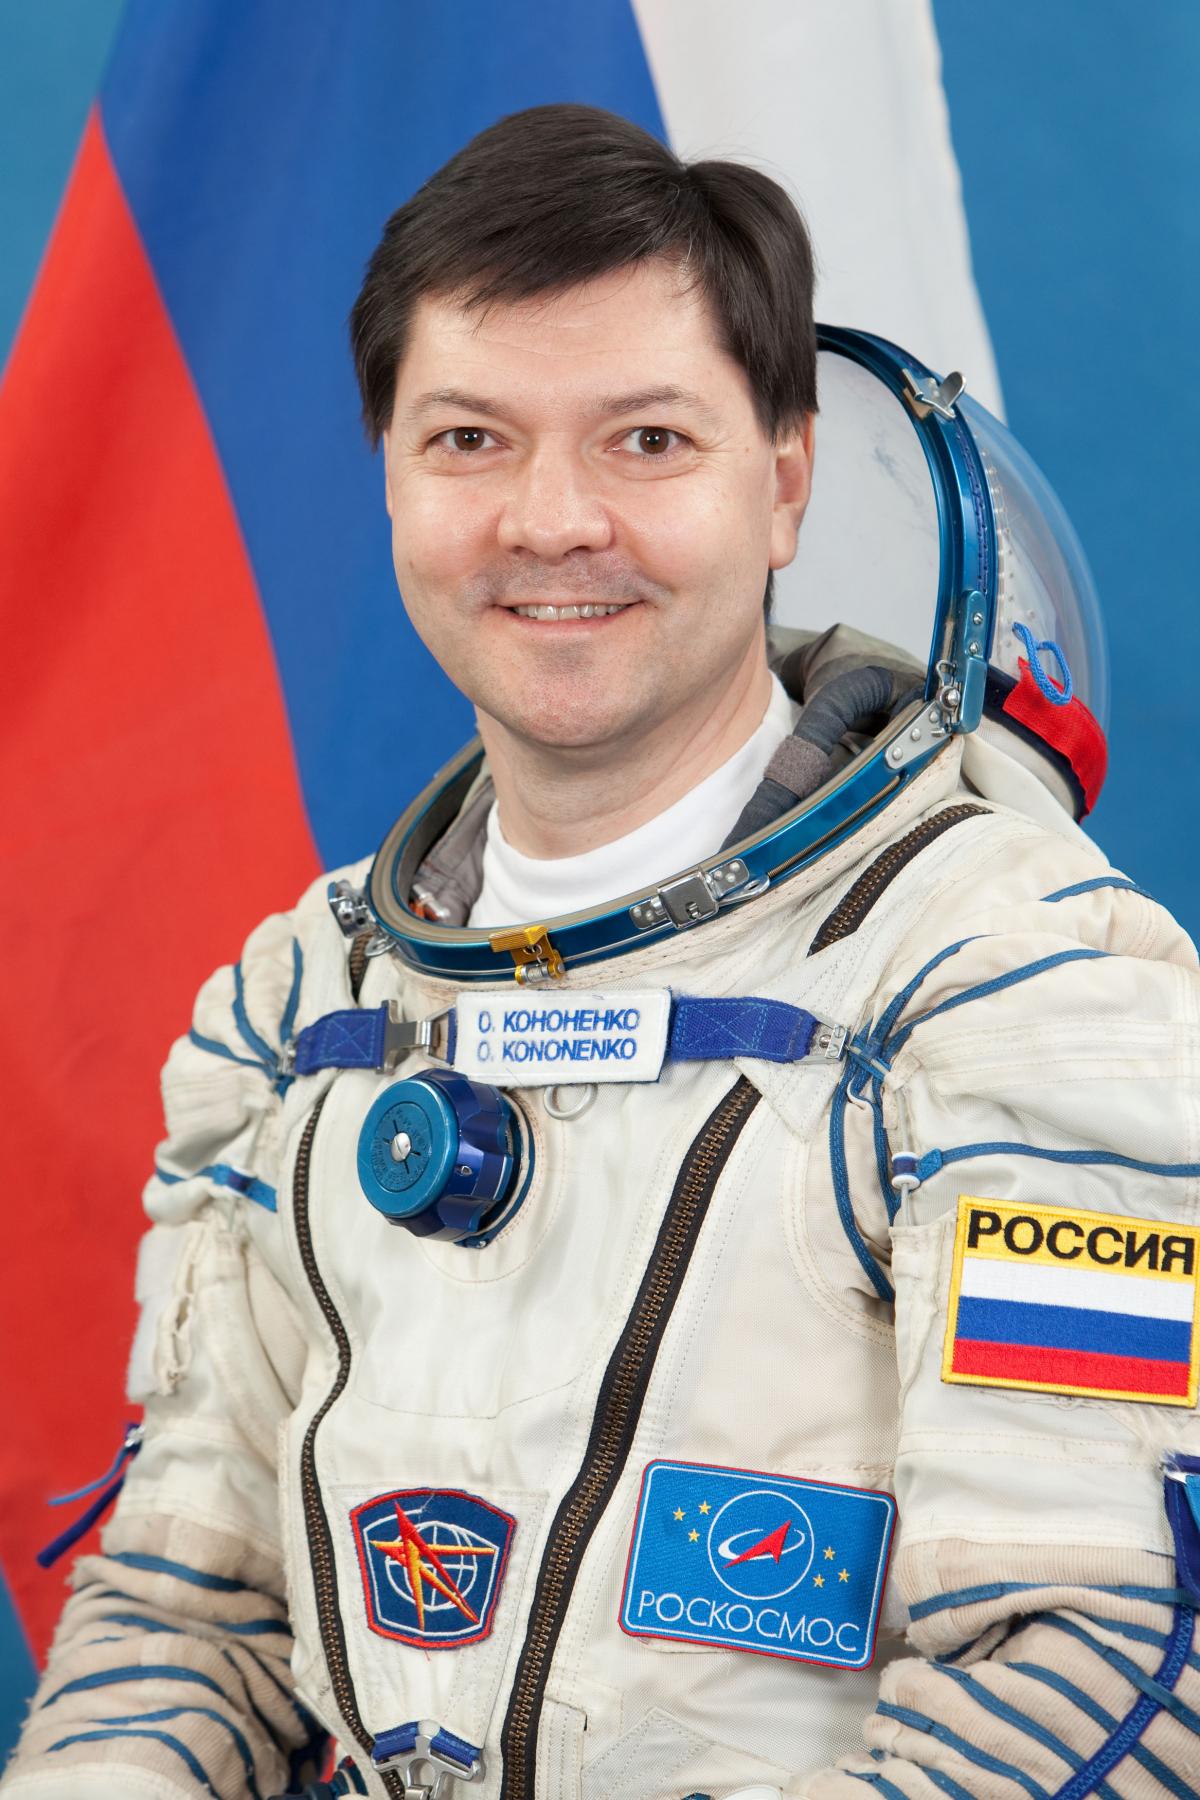 фото русских космонавтов с именами комнаты выполнен современном